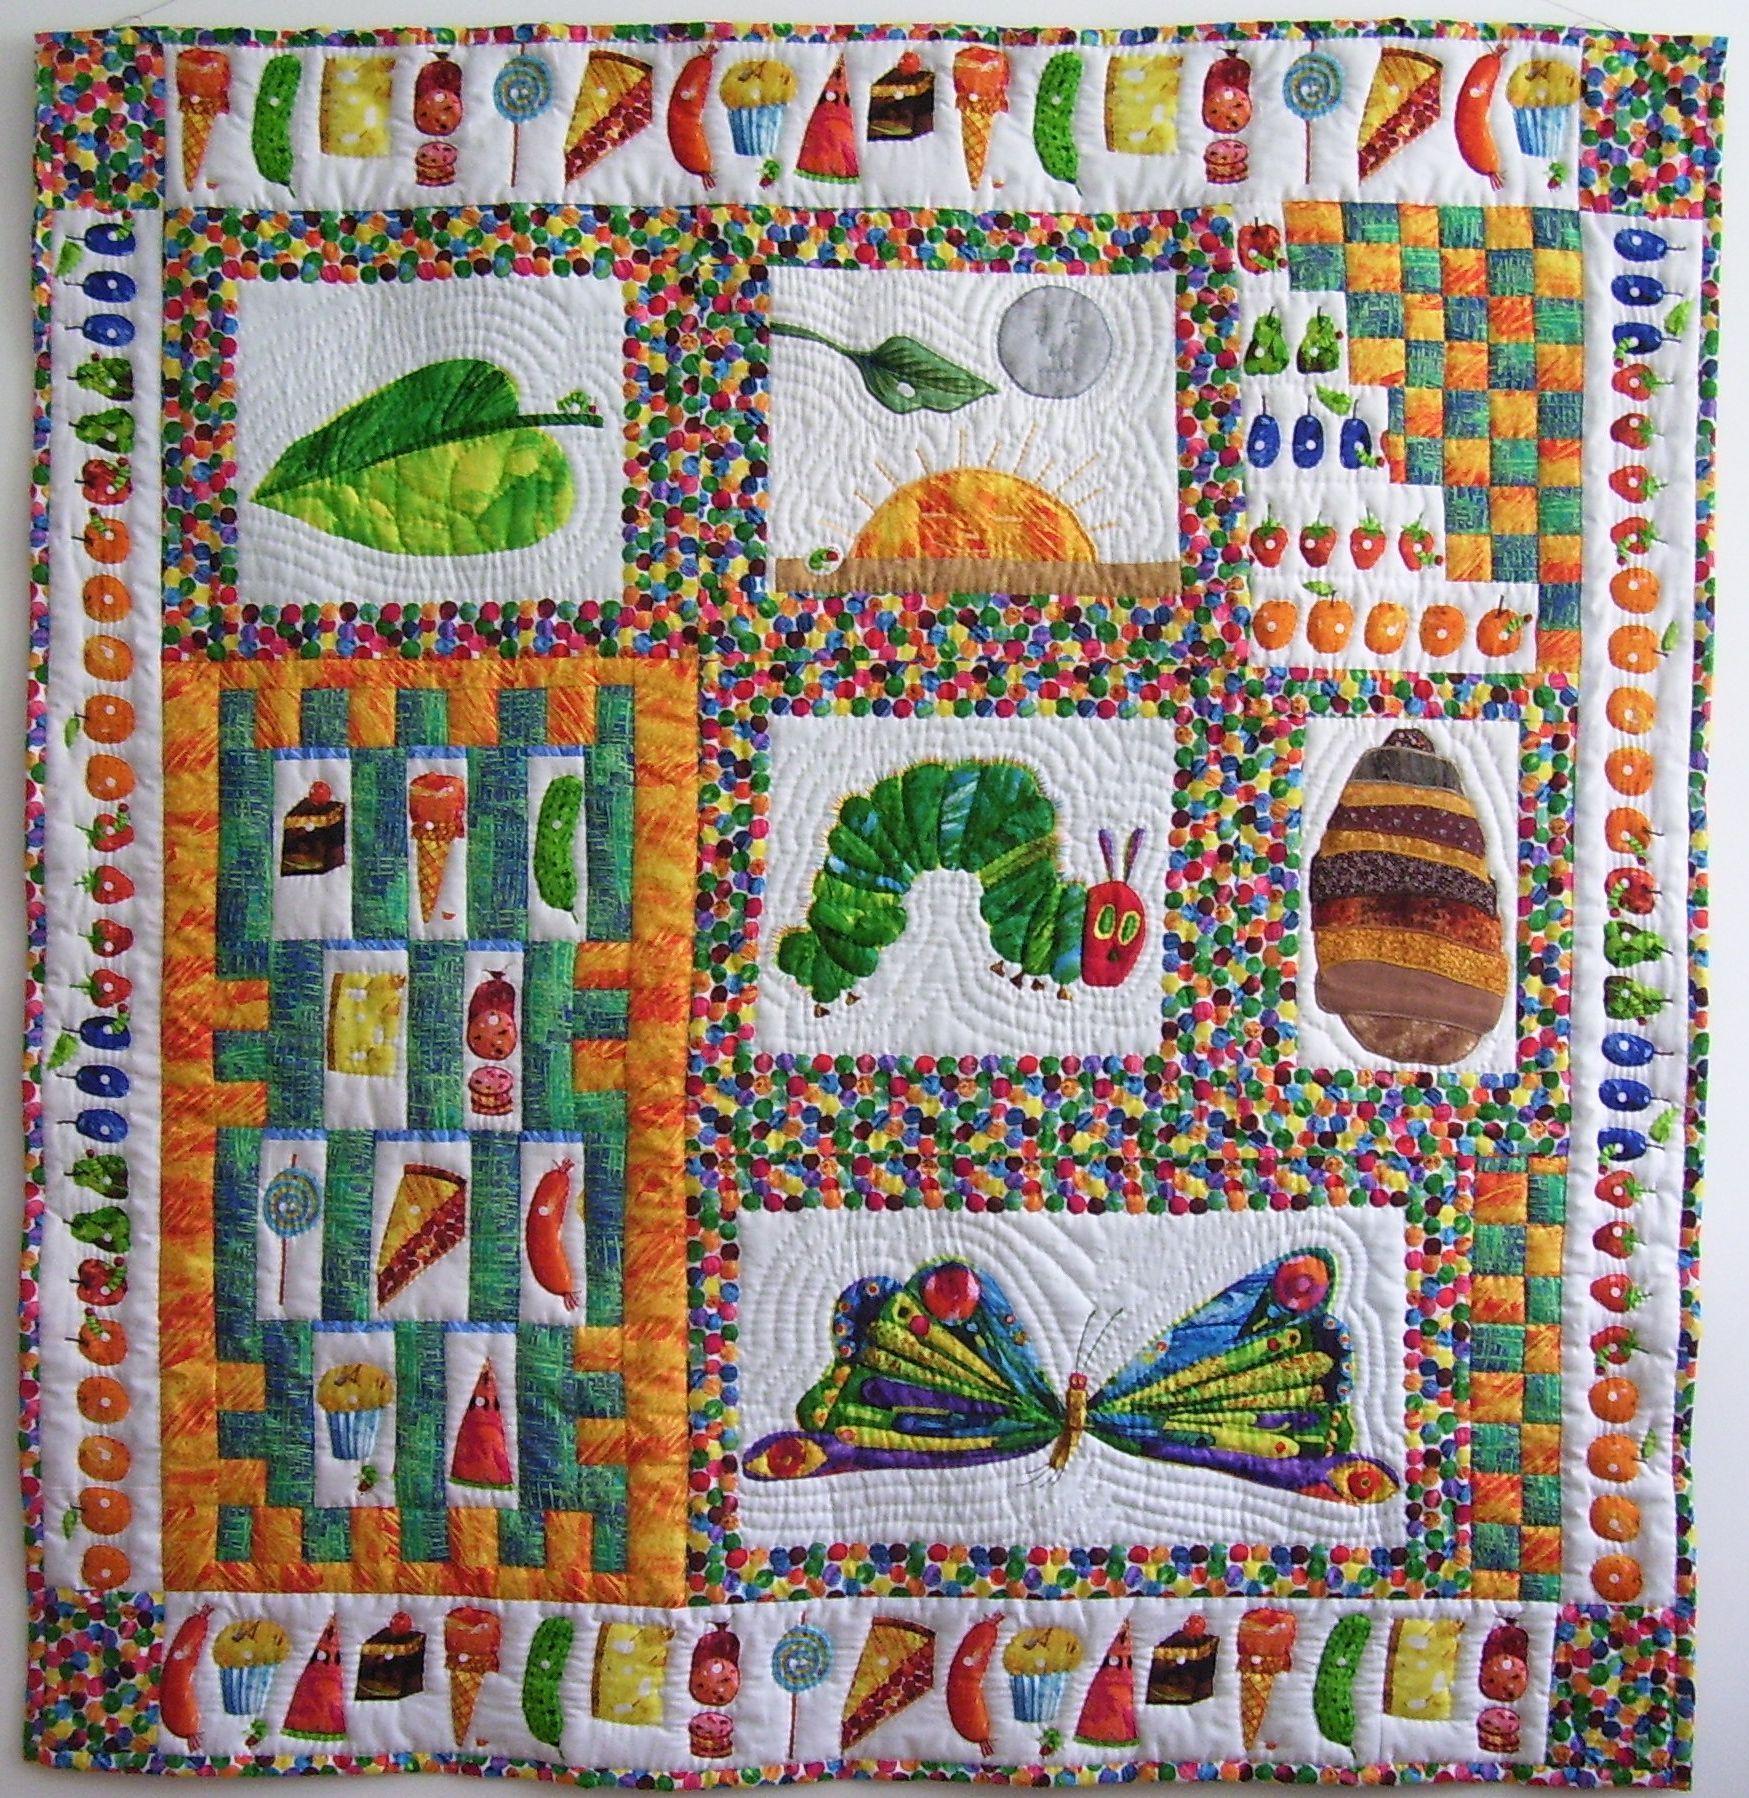 The Very Hungry Caterpillar Quilt I Designed Quilts Pinterest : the hungry caterpillar quilt - Adamdwight.com